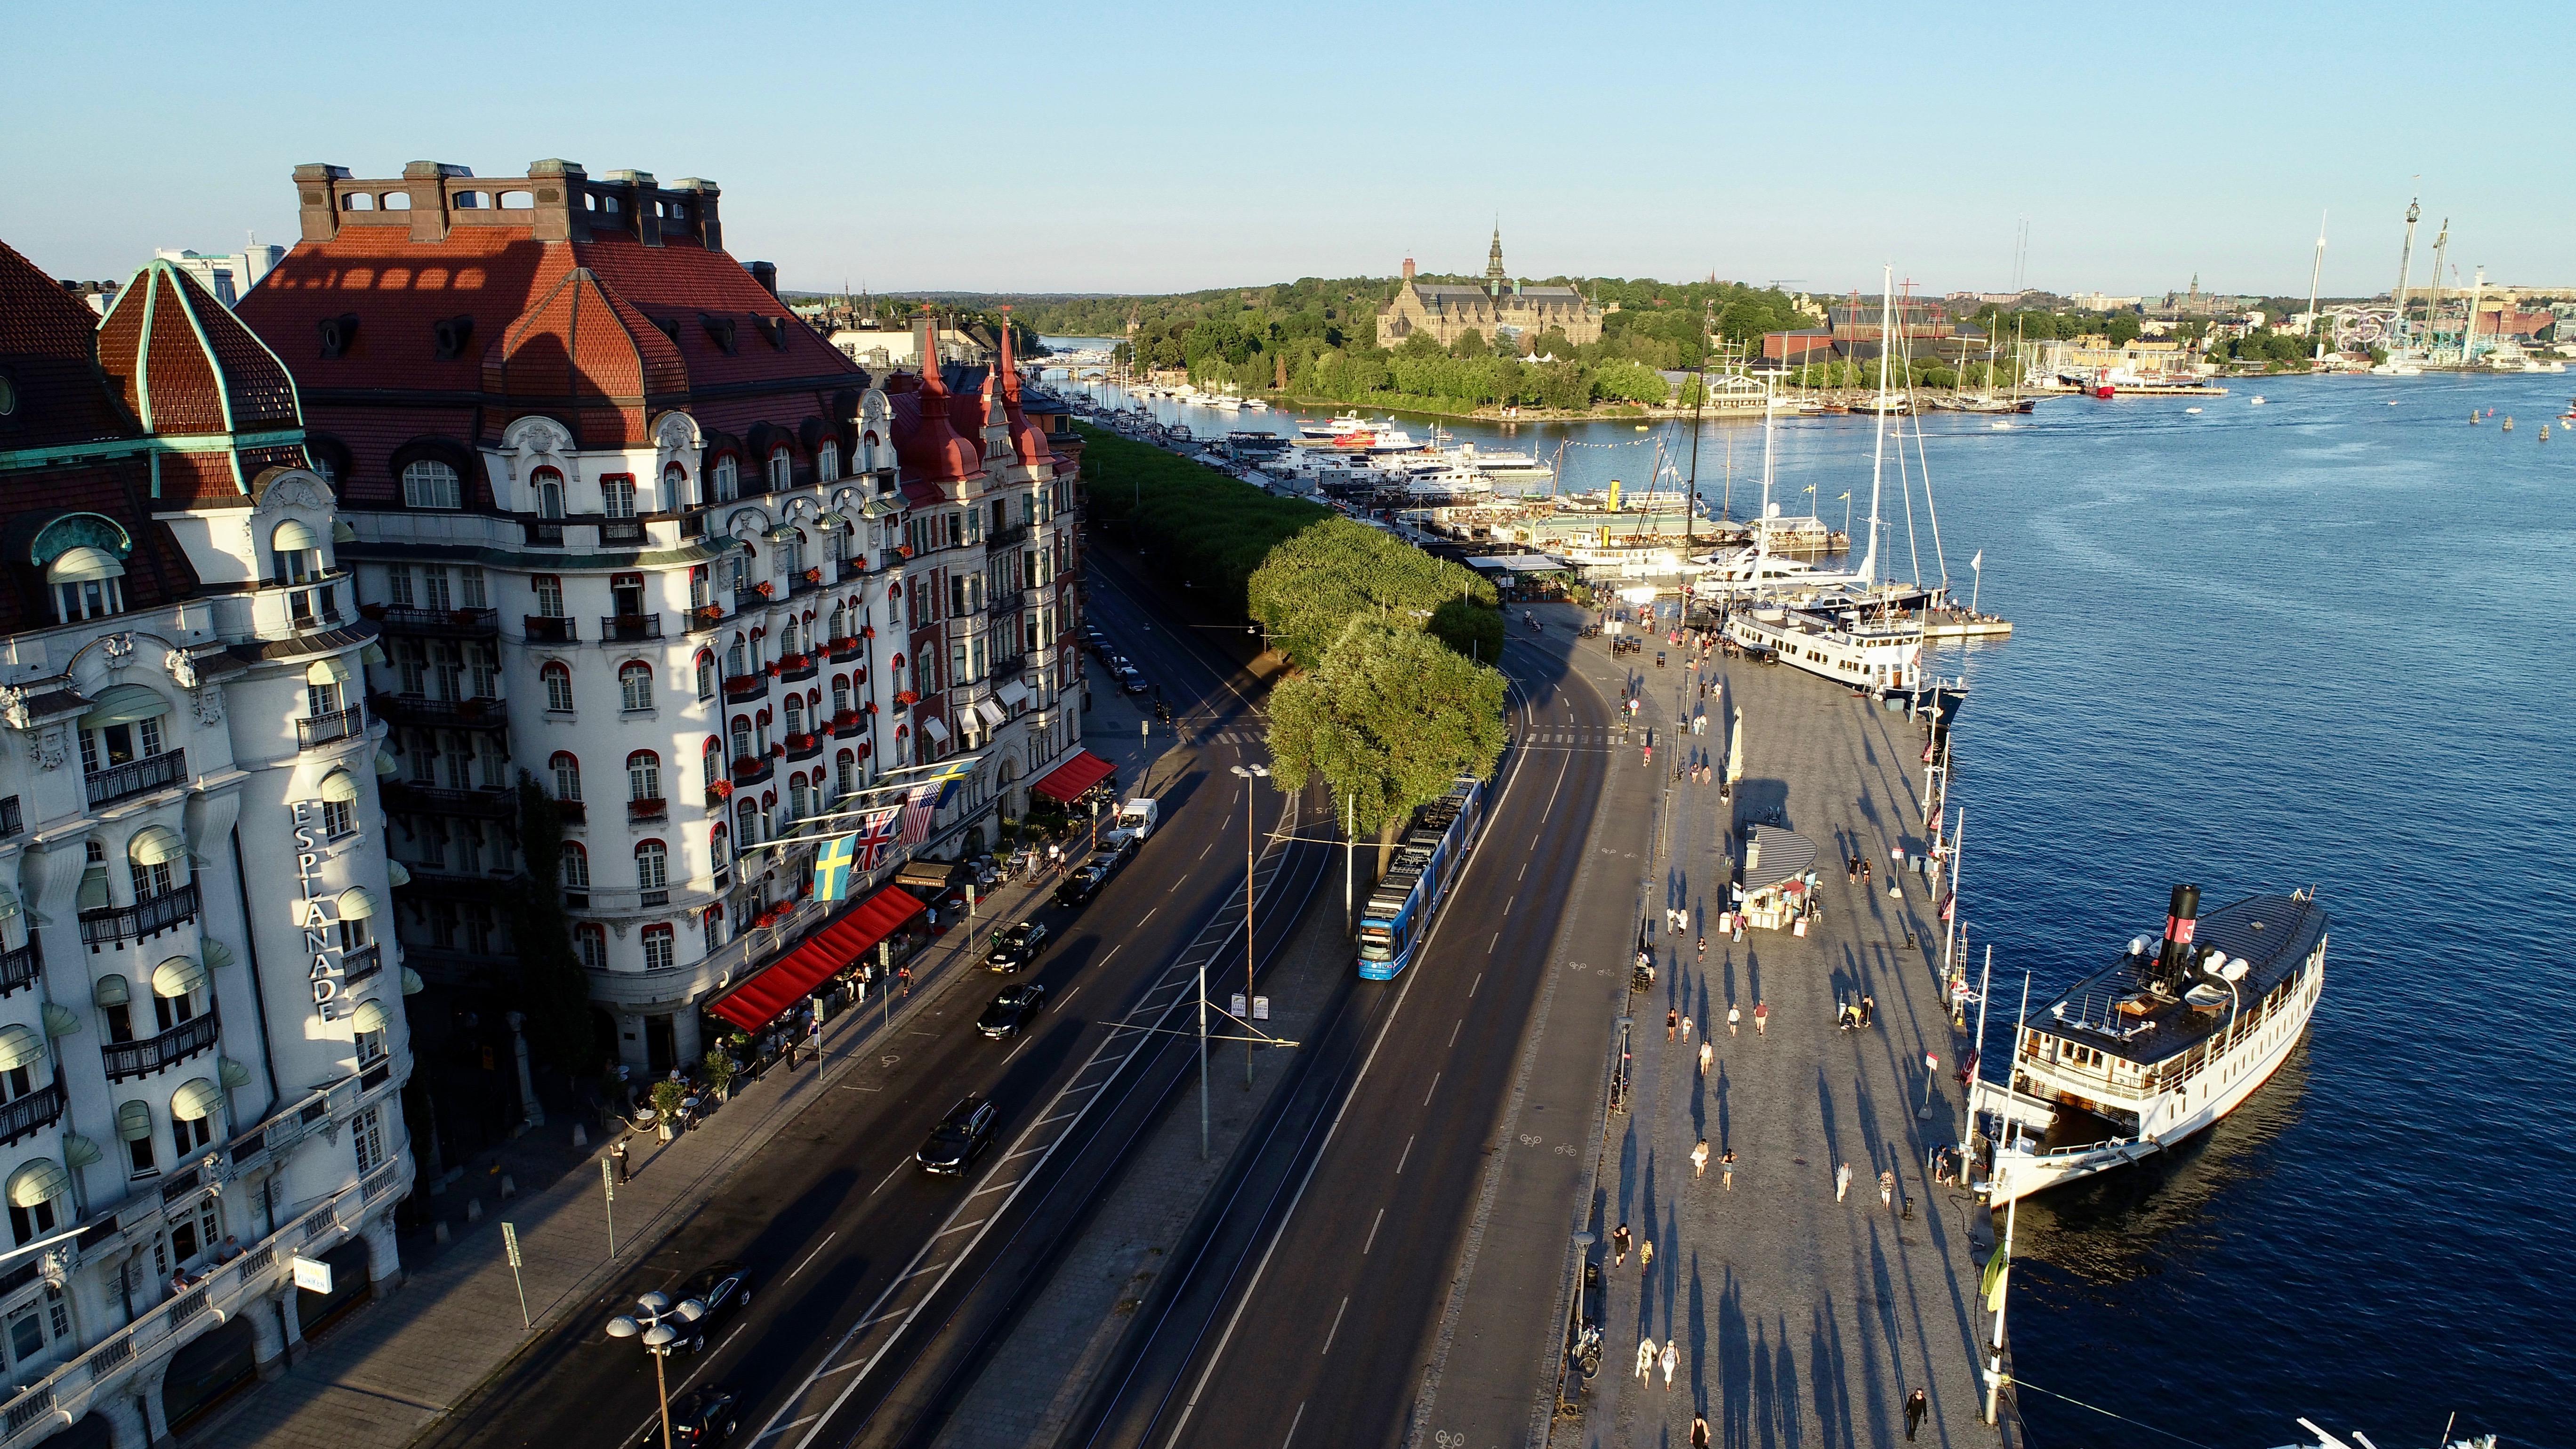 Hotel Diplomat Stockholm - @hoteldiplomat #hoteldiplomat